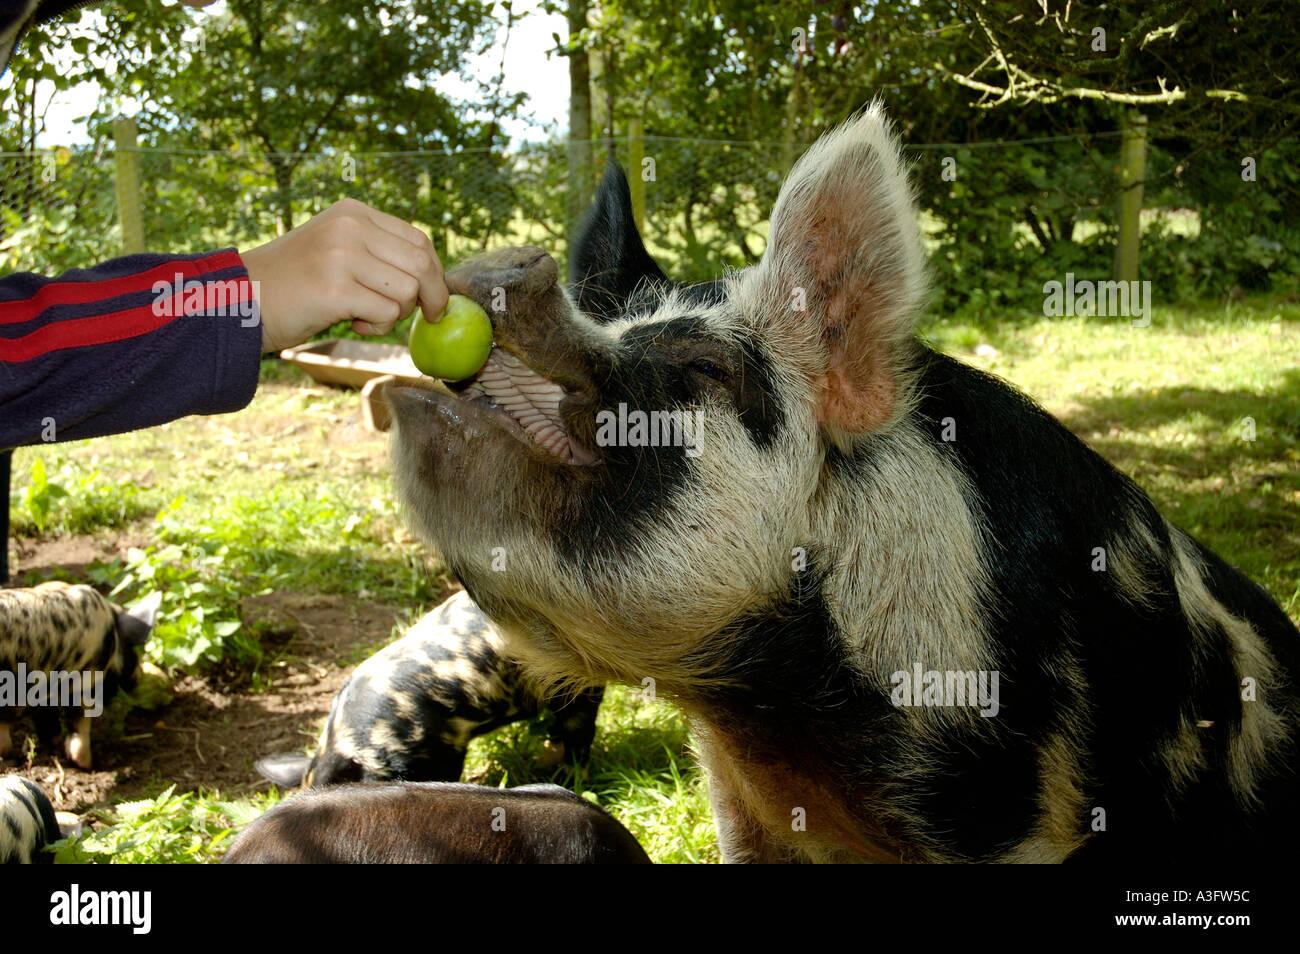 Kune-Kune Schwein gefüttert einen Apfel in einem englischen Obstgarten in Cumbria UK Stockbild